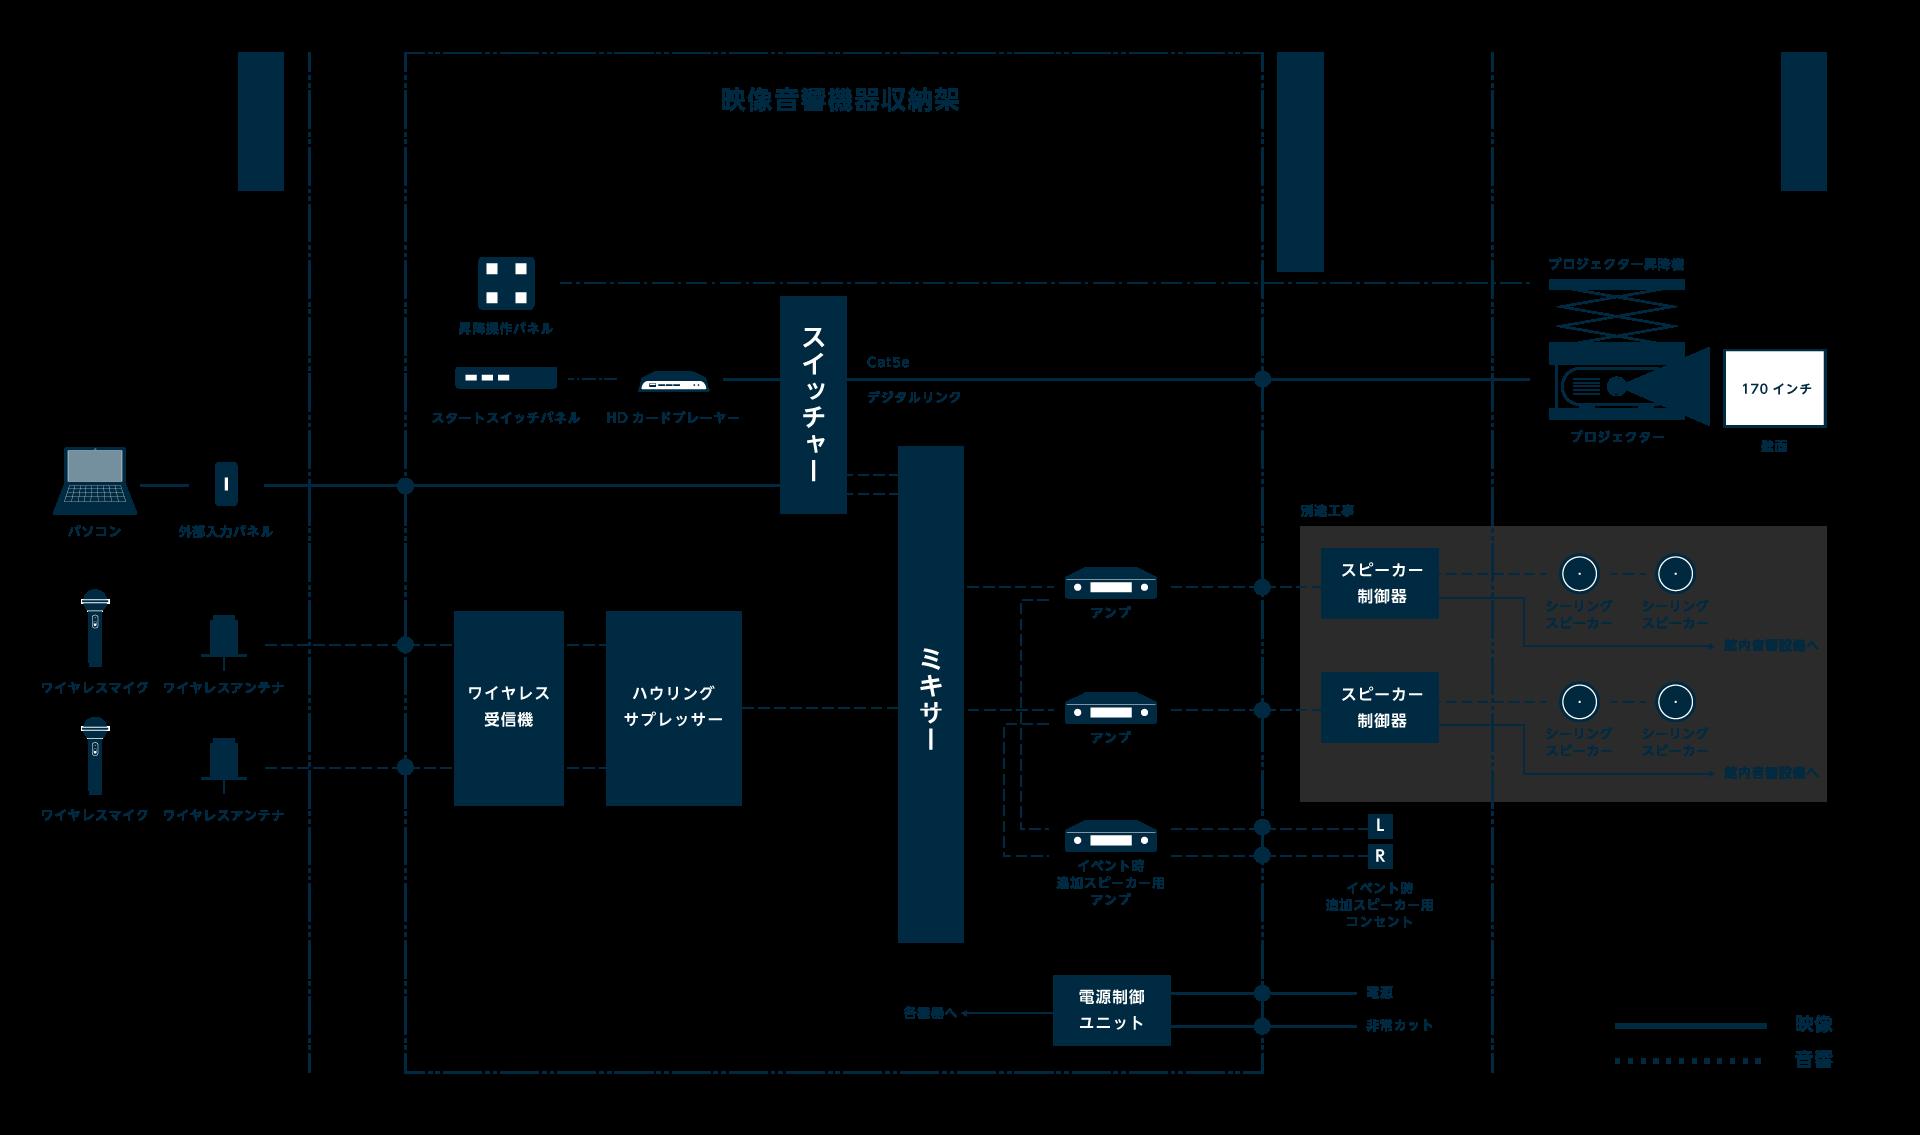 藤田美術館,土間エリア,システム系統図,映像音響機器収納架